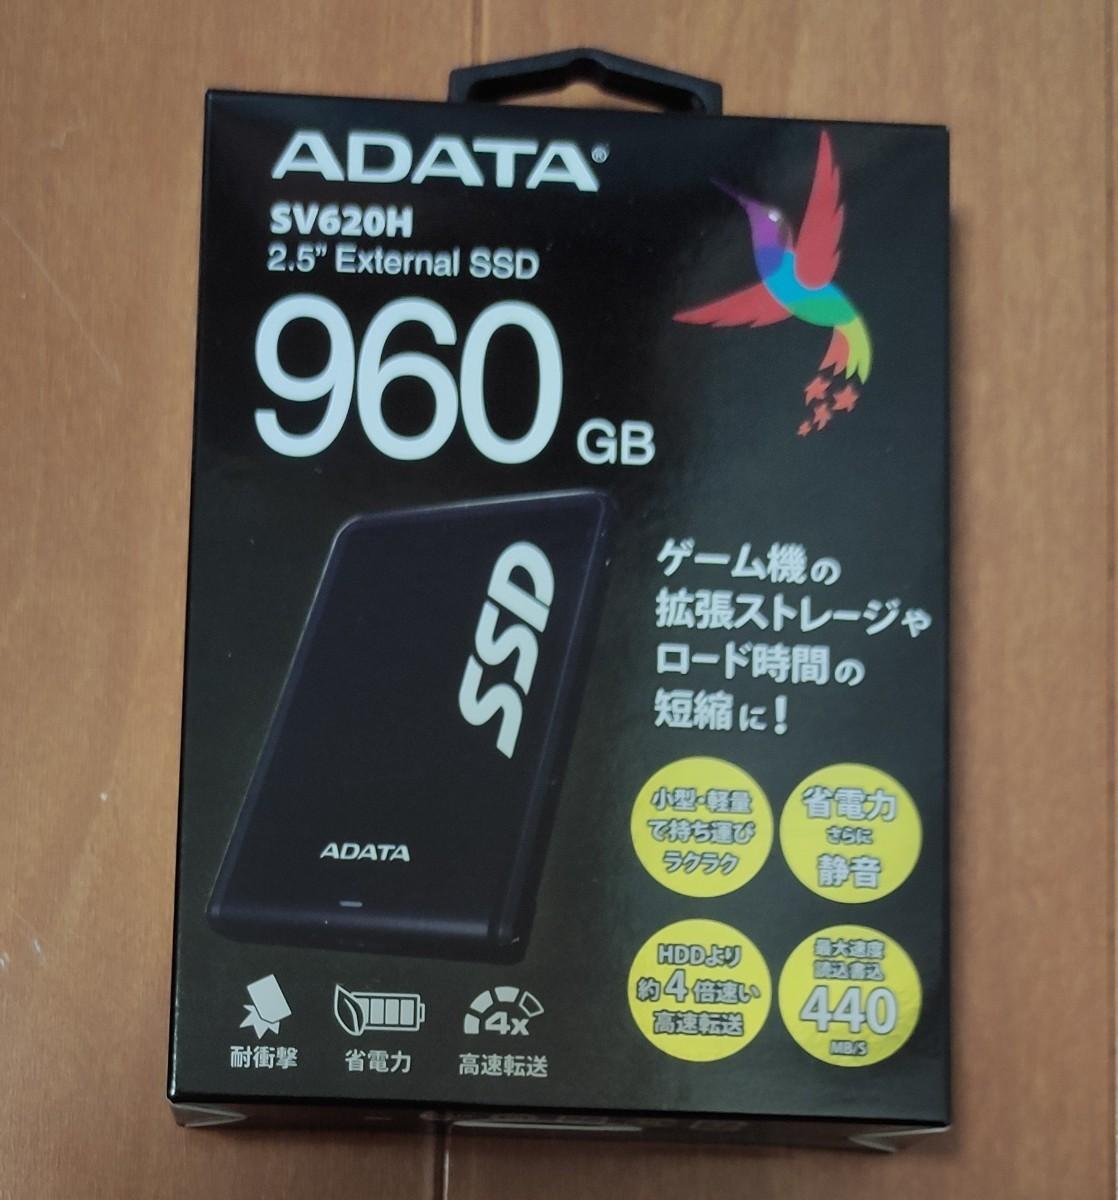 新品未開封品 960GB ポータブルSSD 外付けSSD